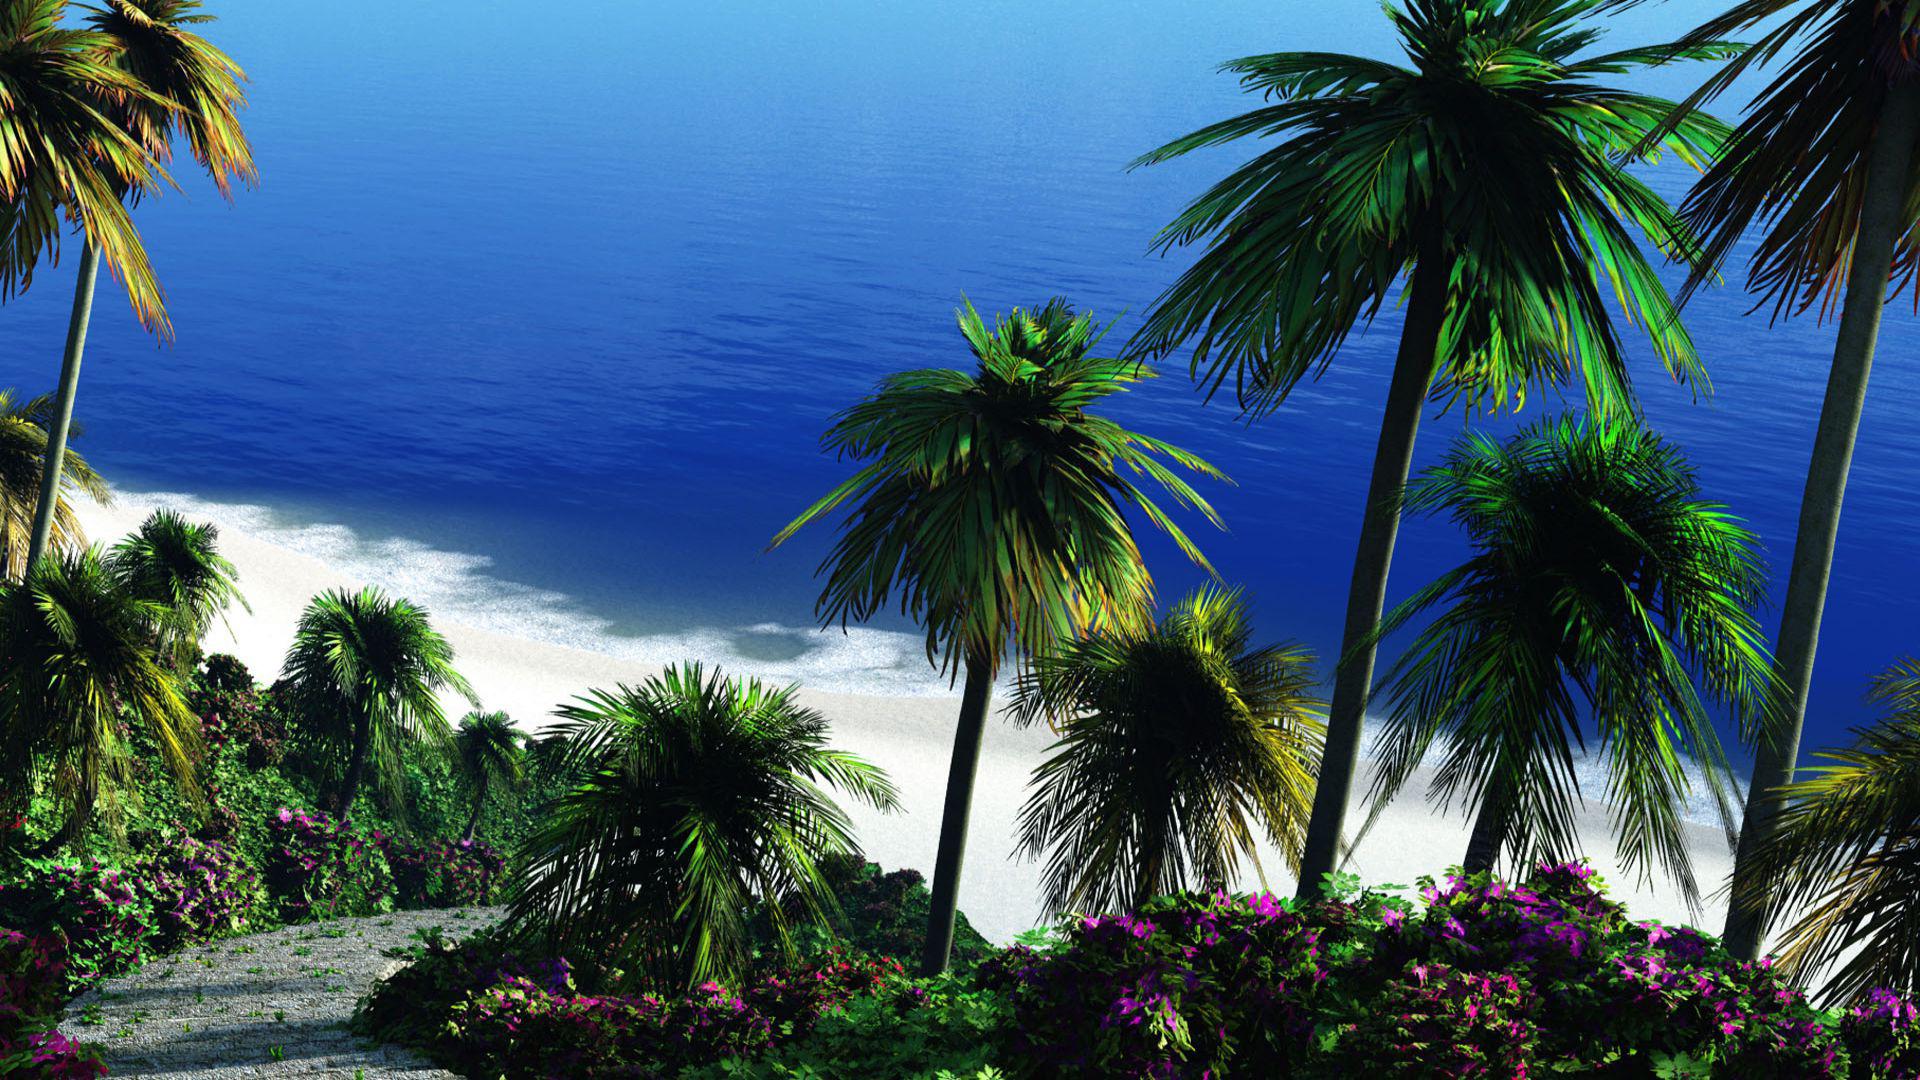 Tropical beach wallpaper 6869 1920x1080